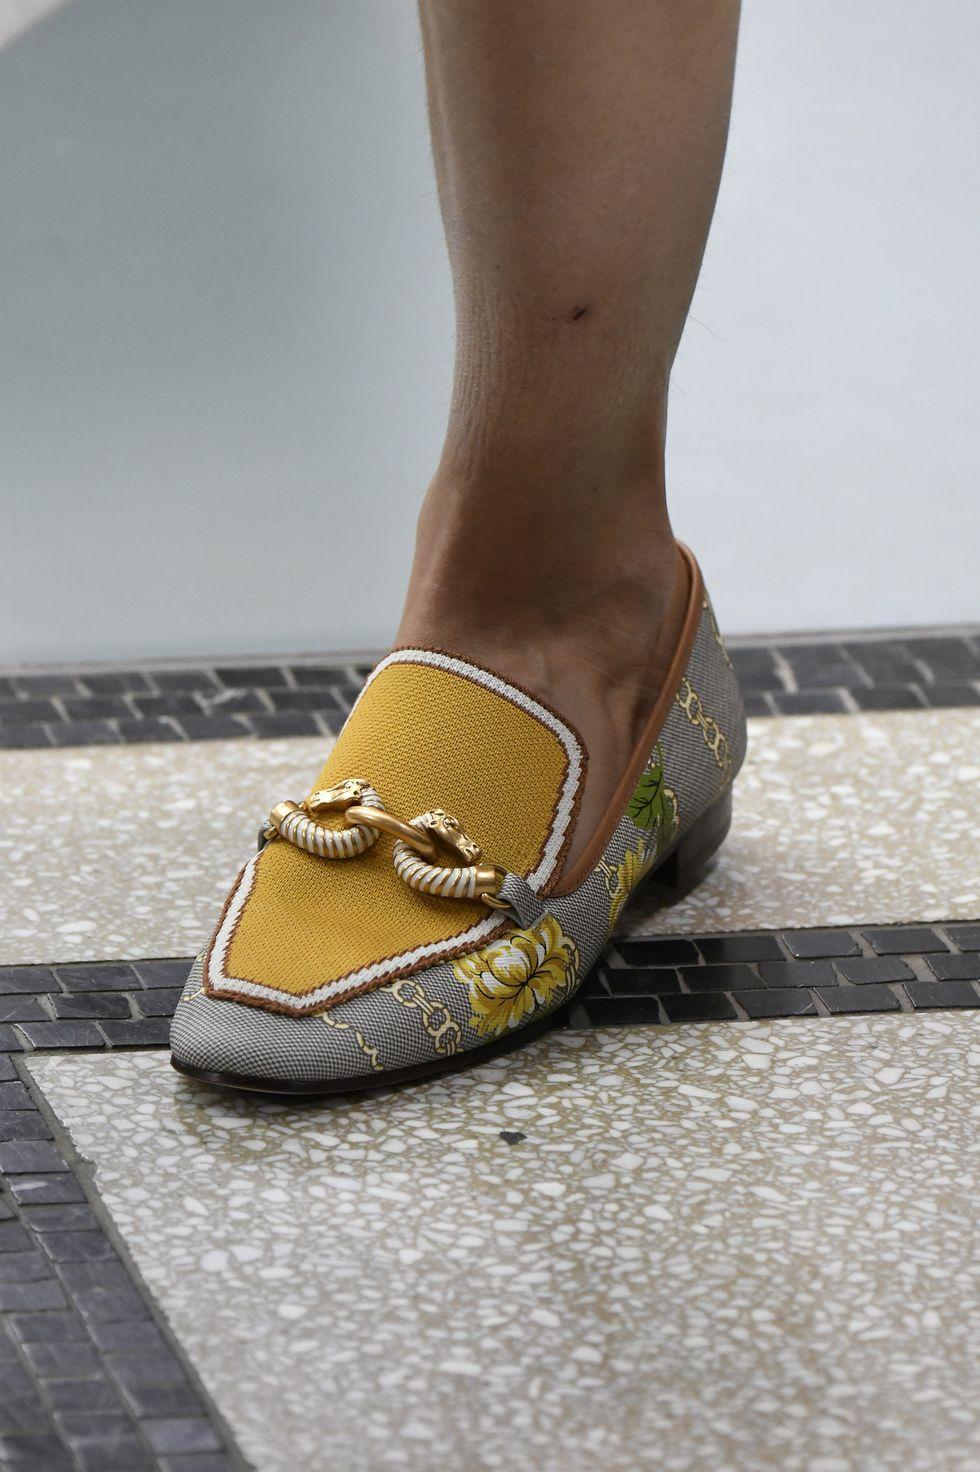 giày loafer Tory Burch xuân hè 2020 - xu hướng thời trang